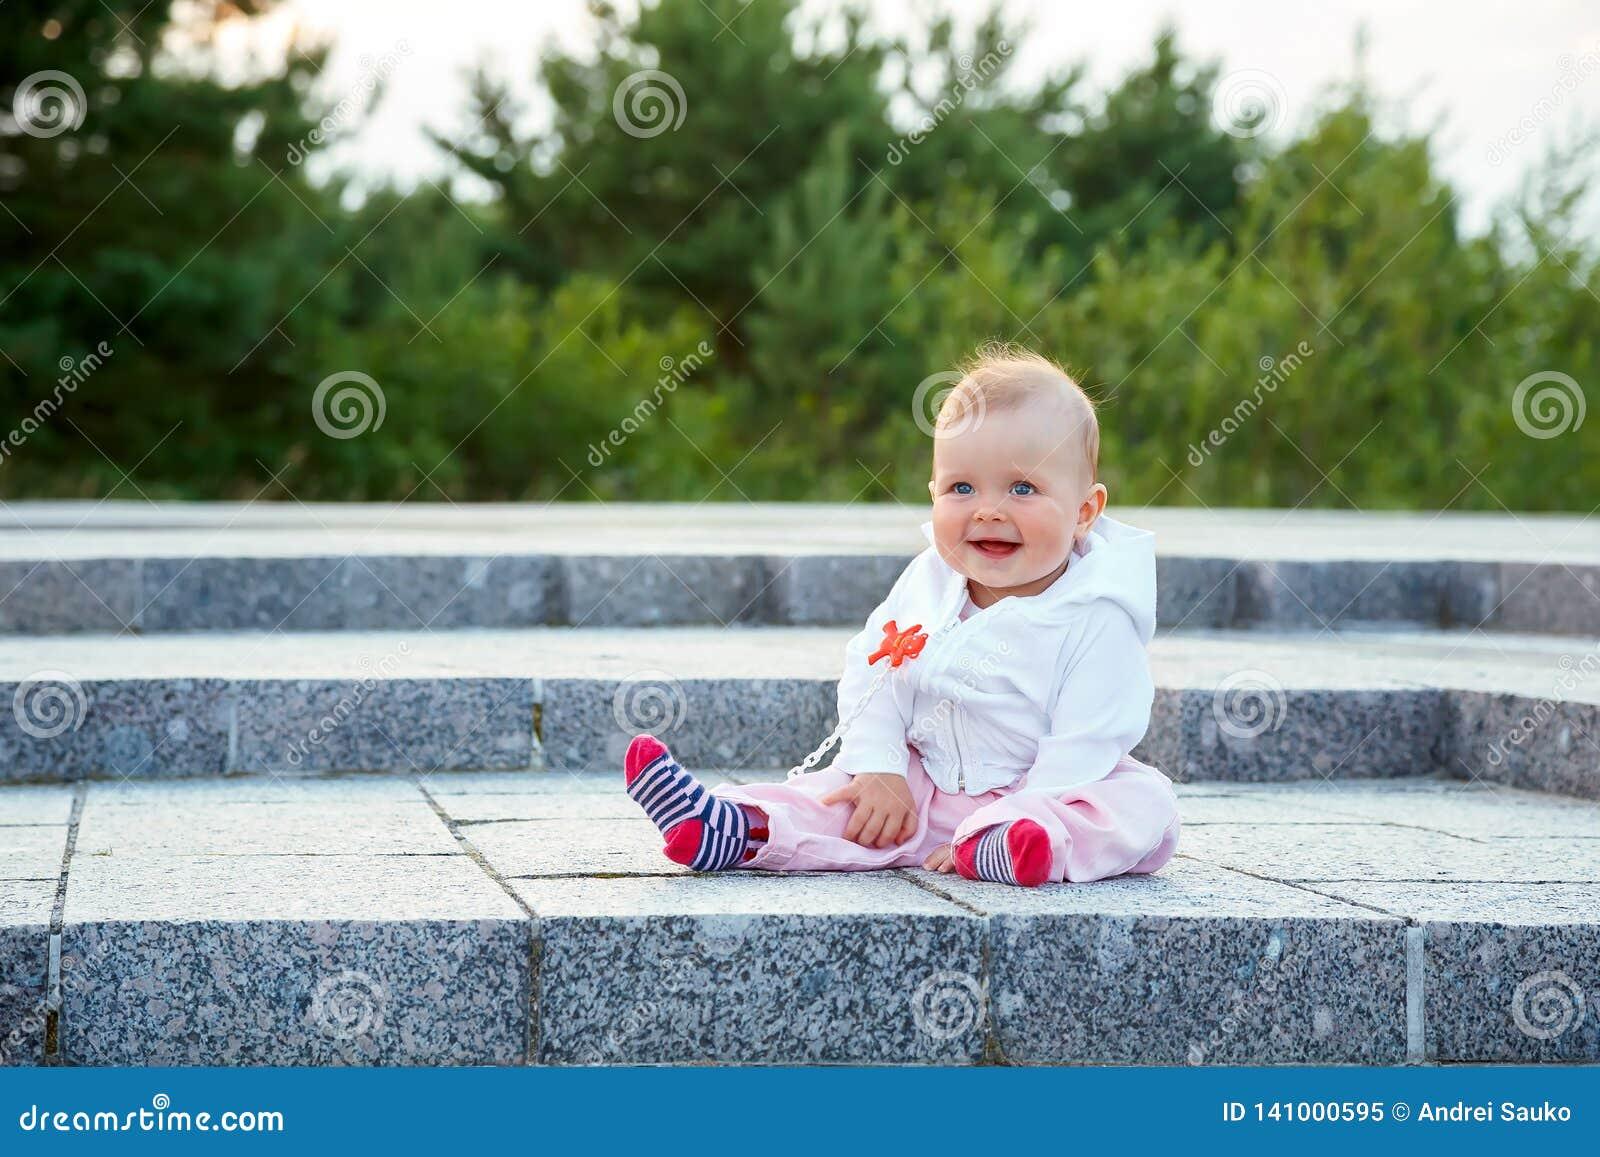 Небольшой ребенок сидит на том основании